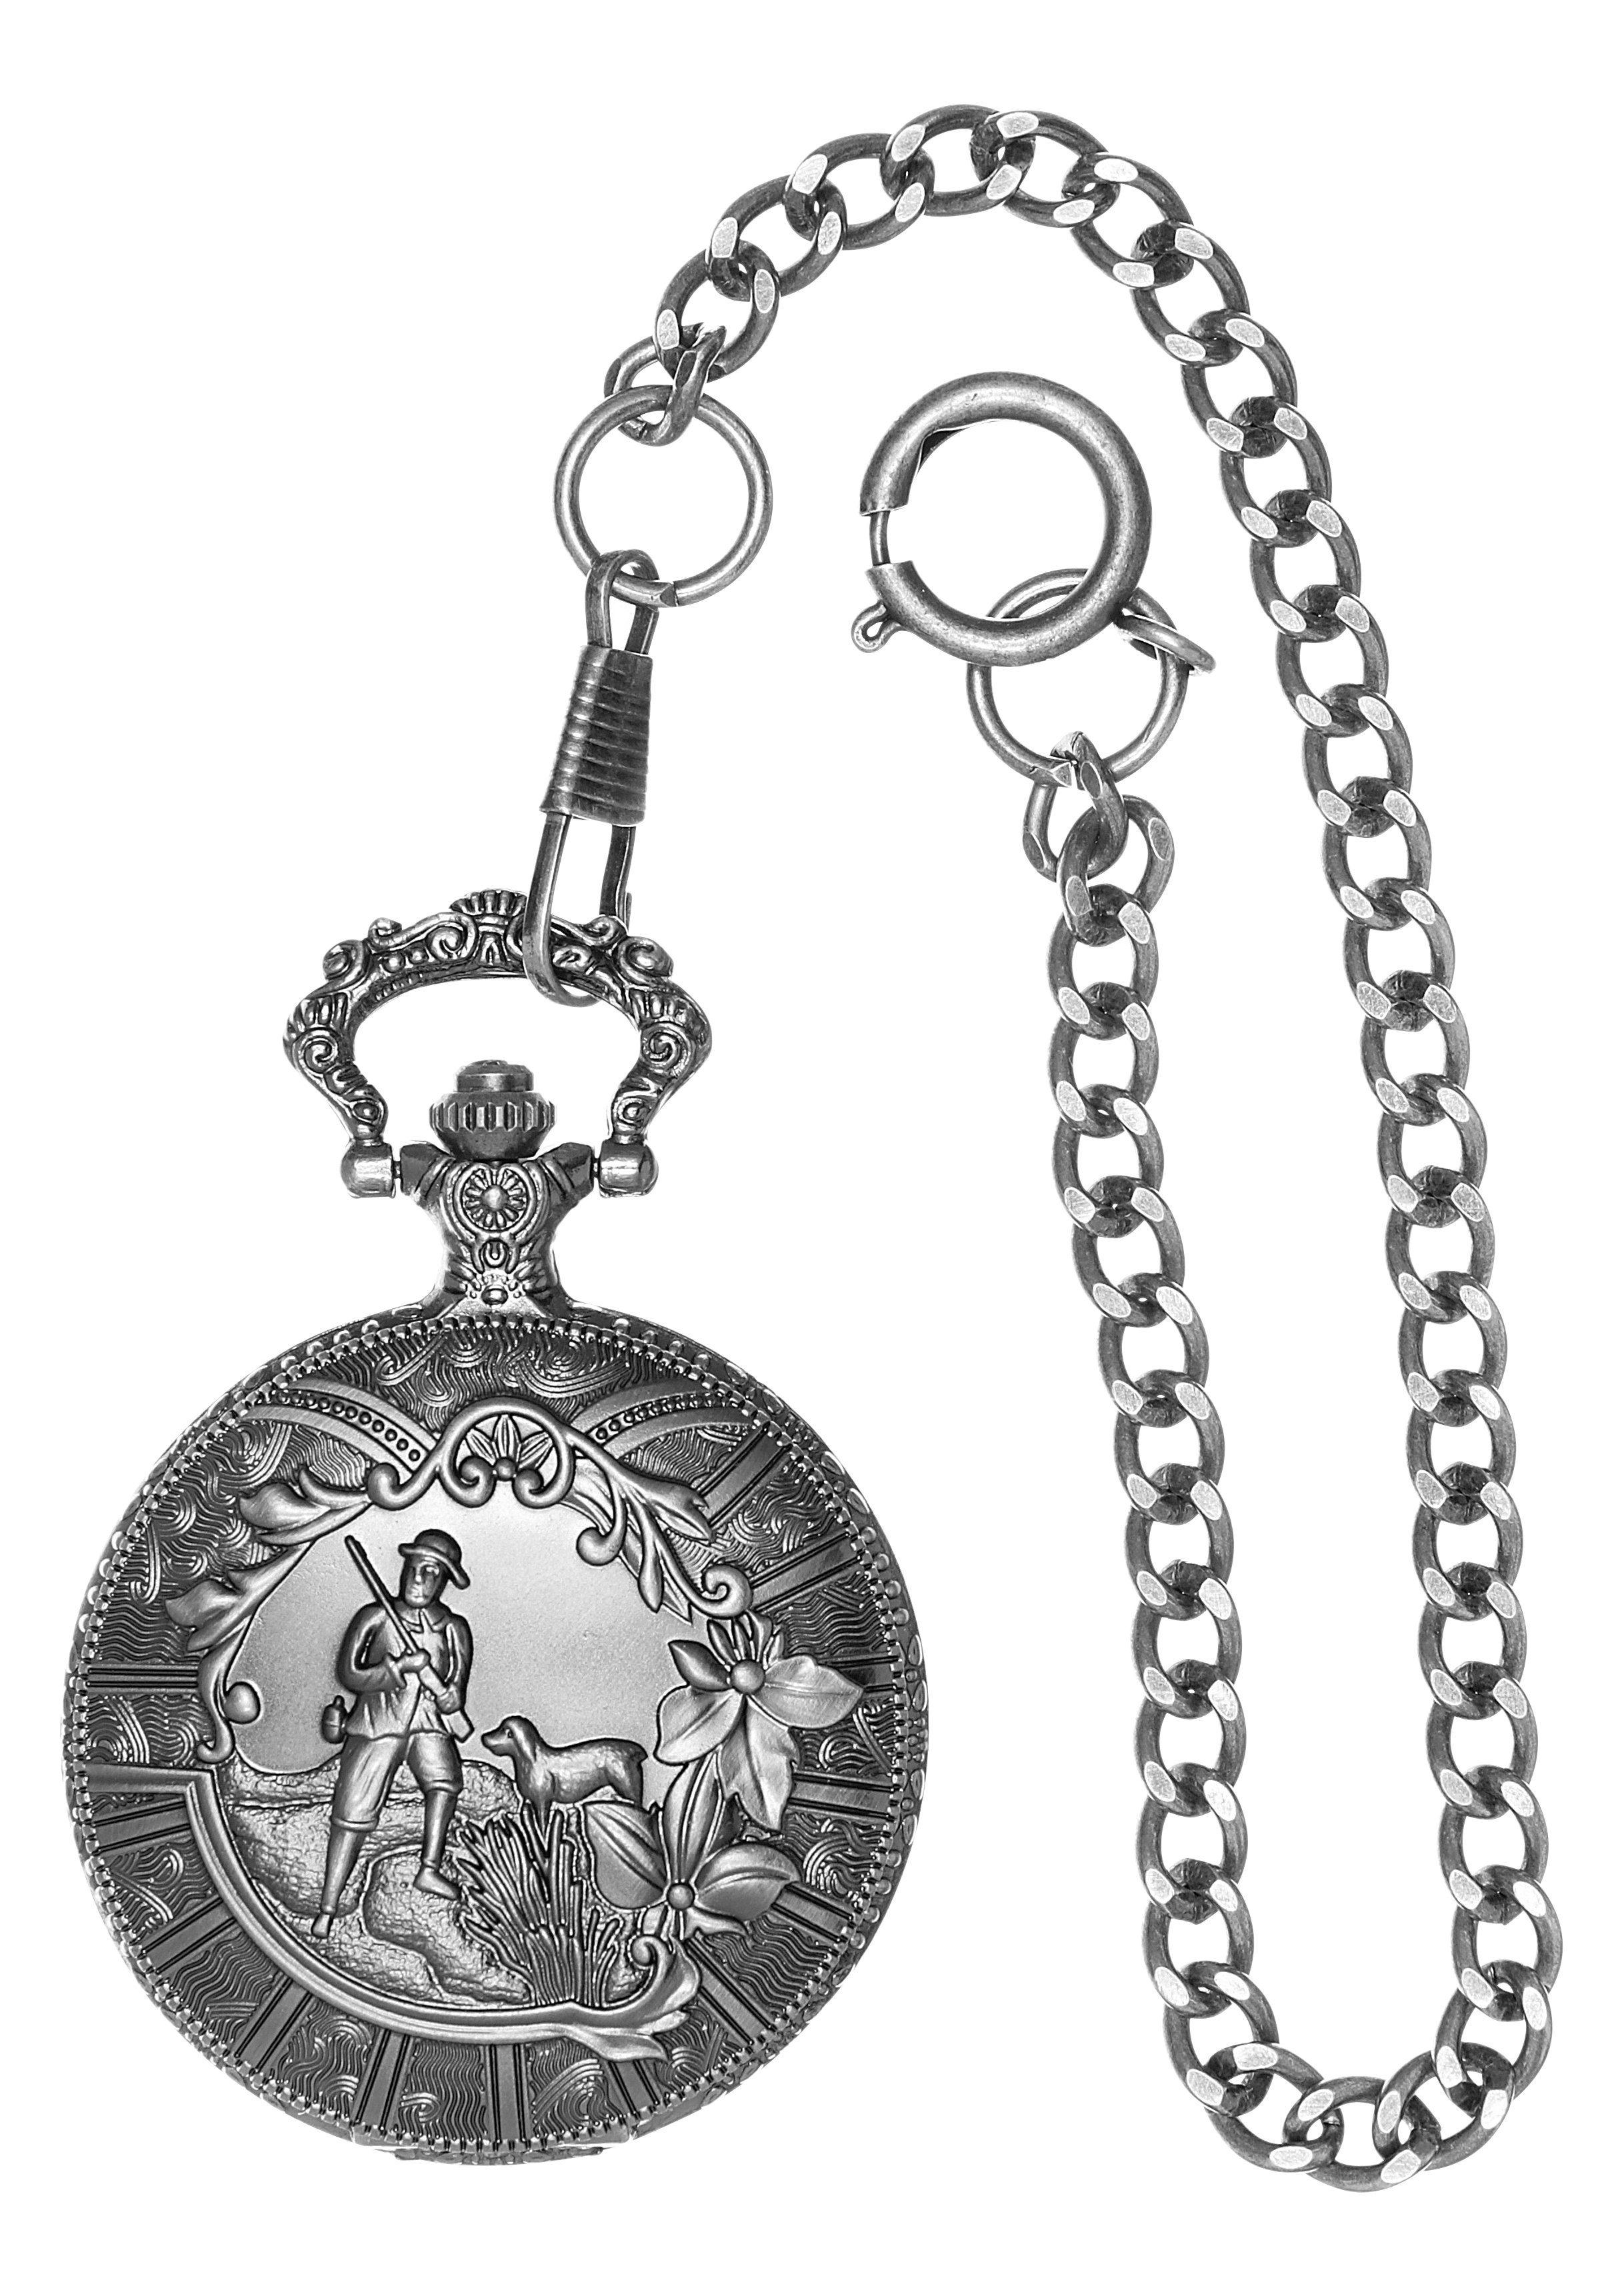 Country Line Taschenuhr, Herren mit Gliederkette silberfarben Damen Taschenuhr Taschenuhren Uhren